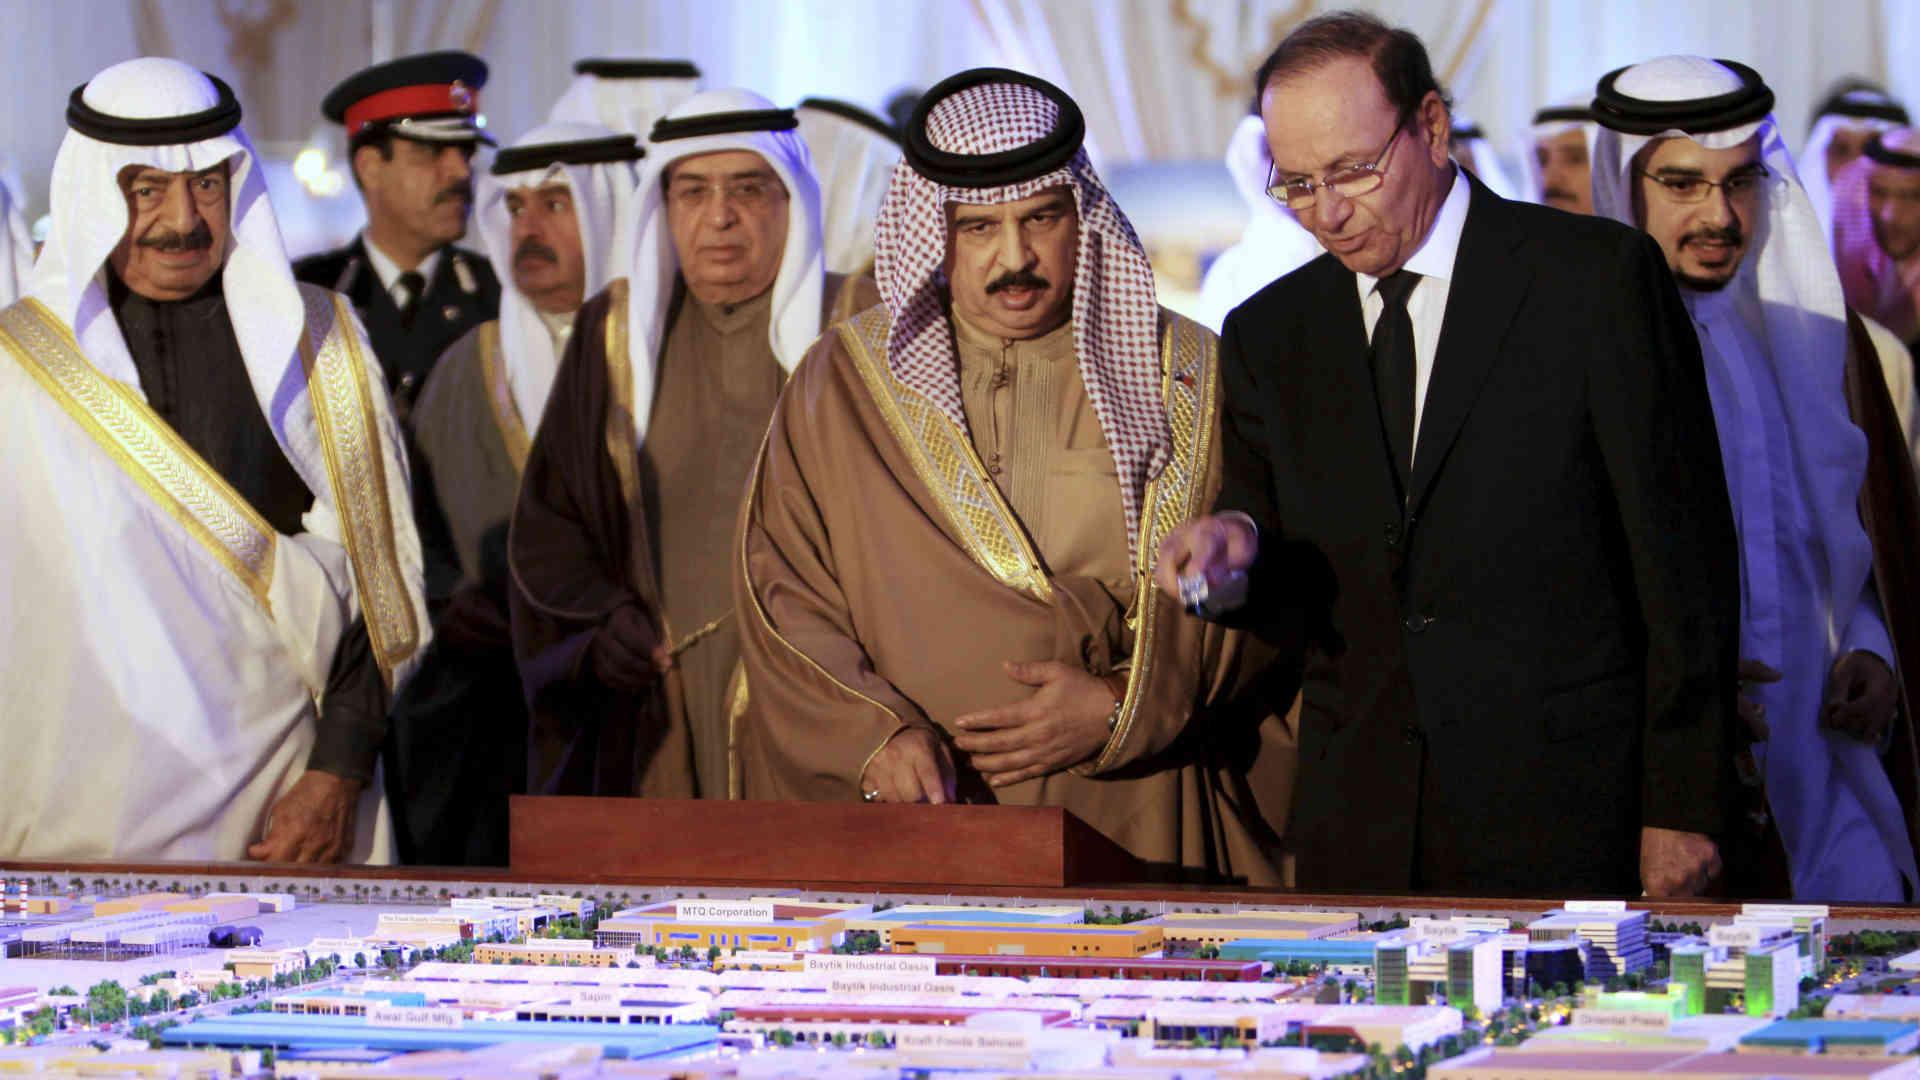 مستشار ملك البحرين مارك شنا